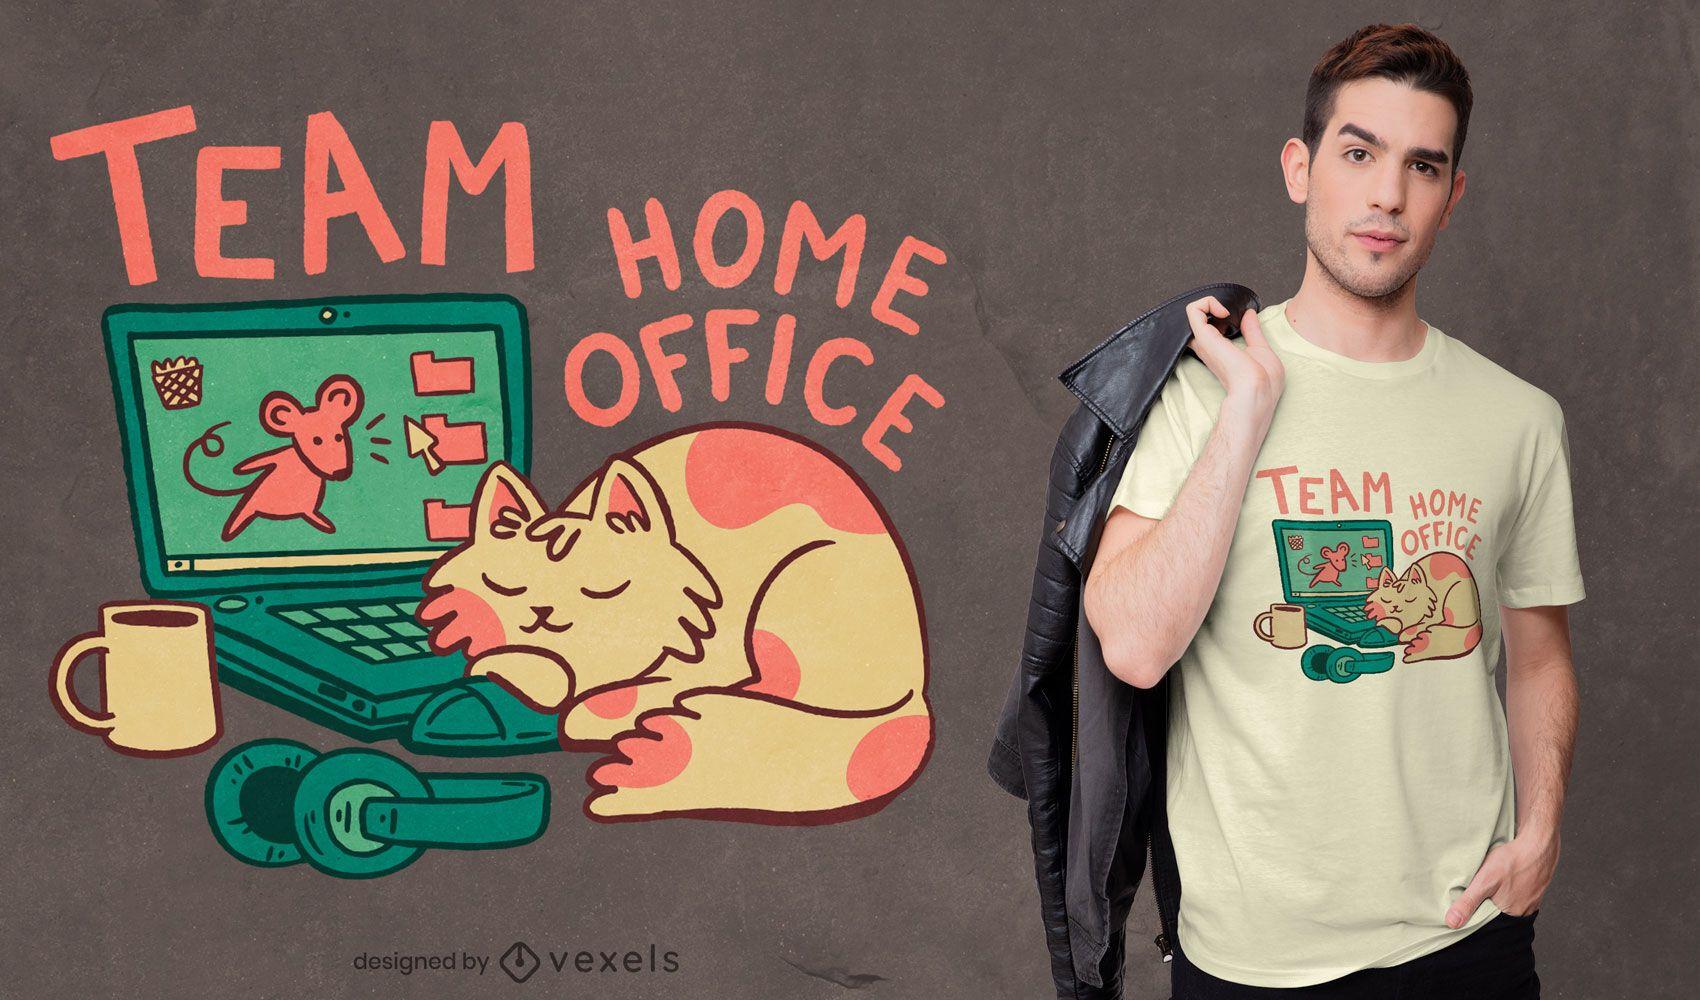 Team home office t-shirt design